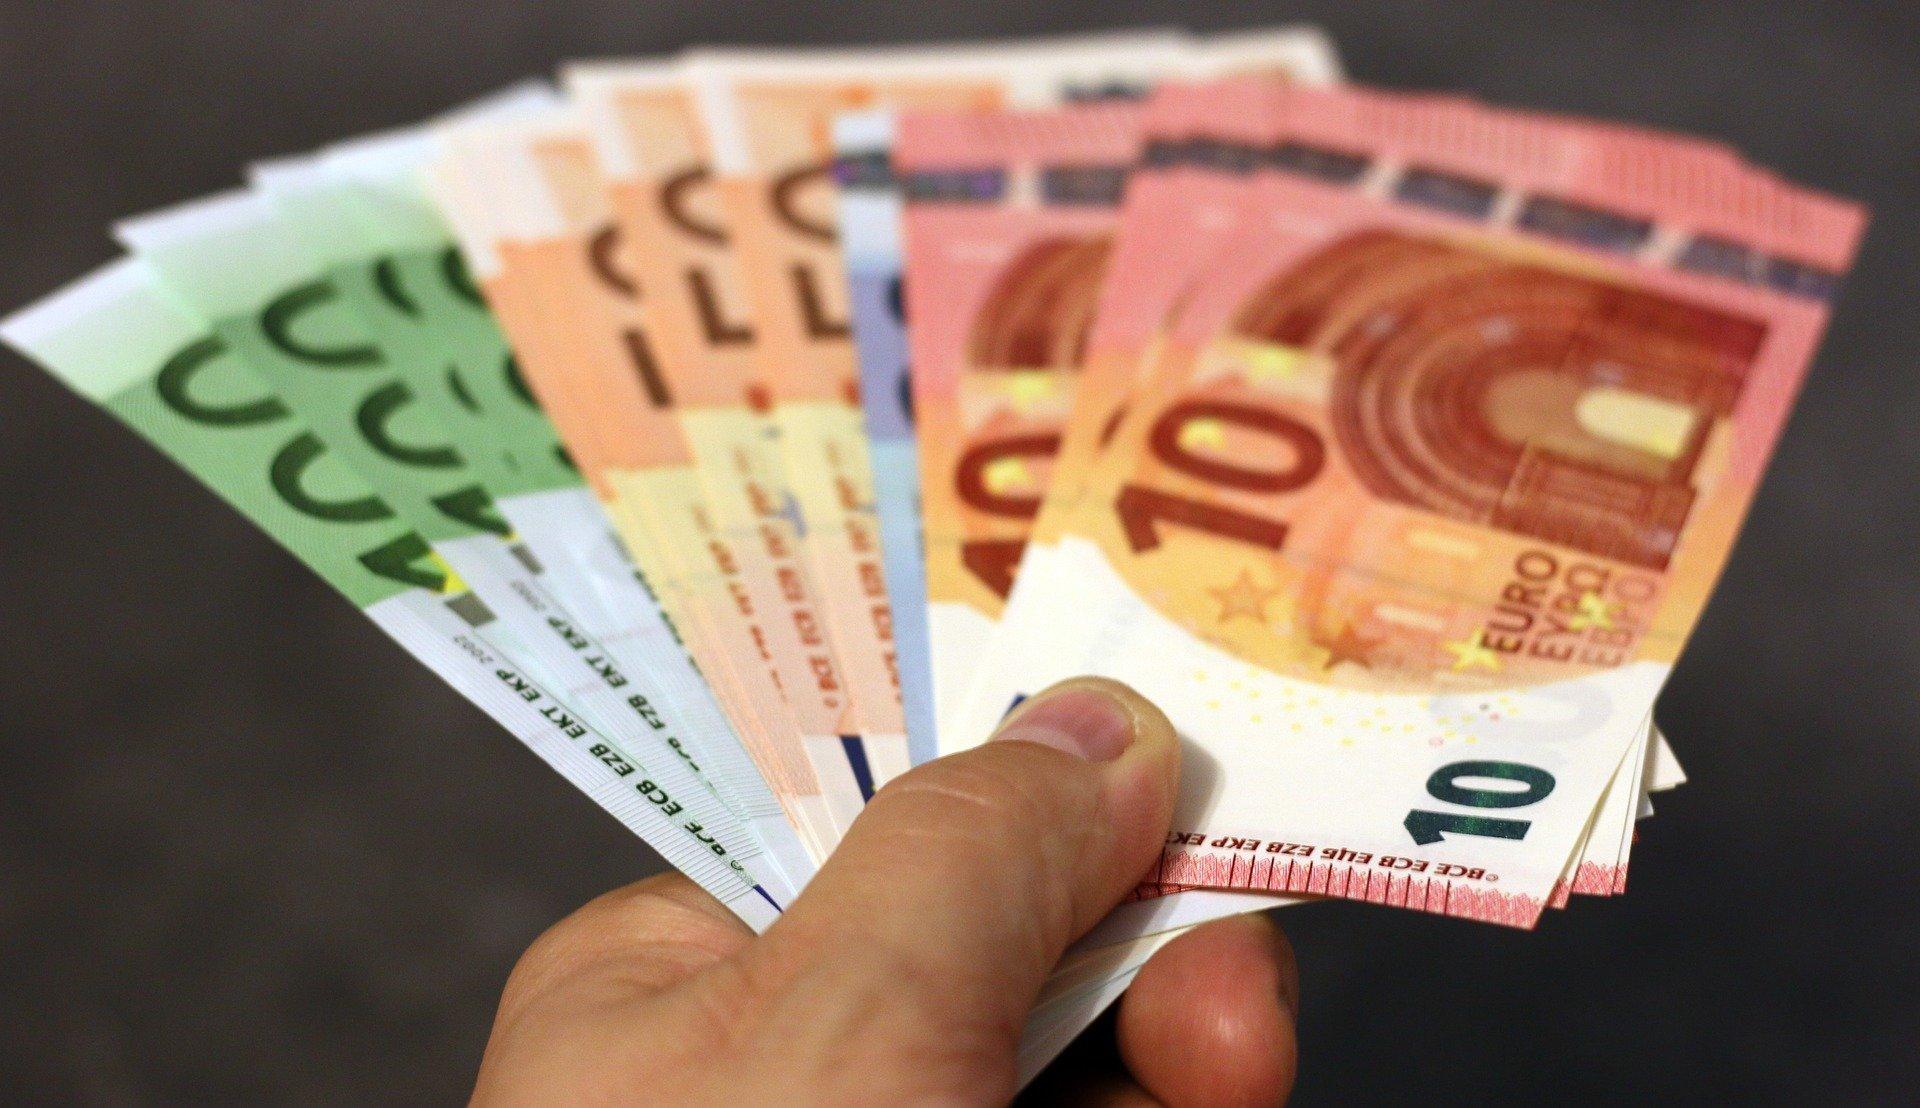 Härtefallfonds